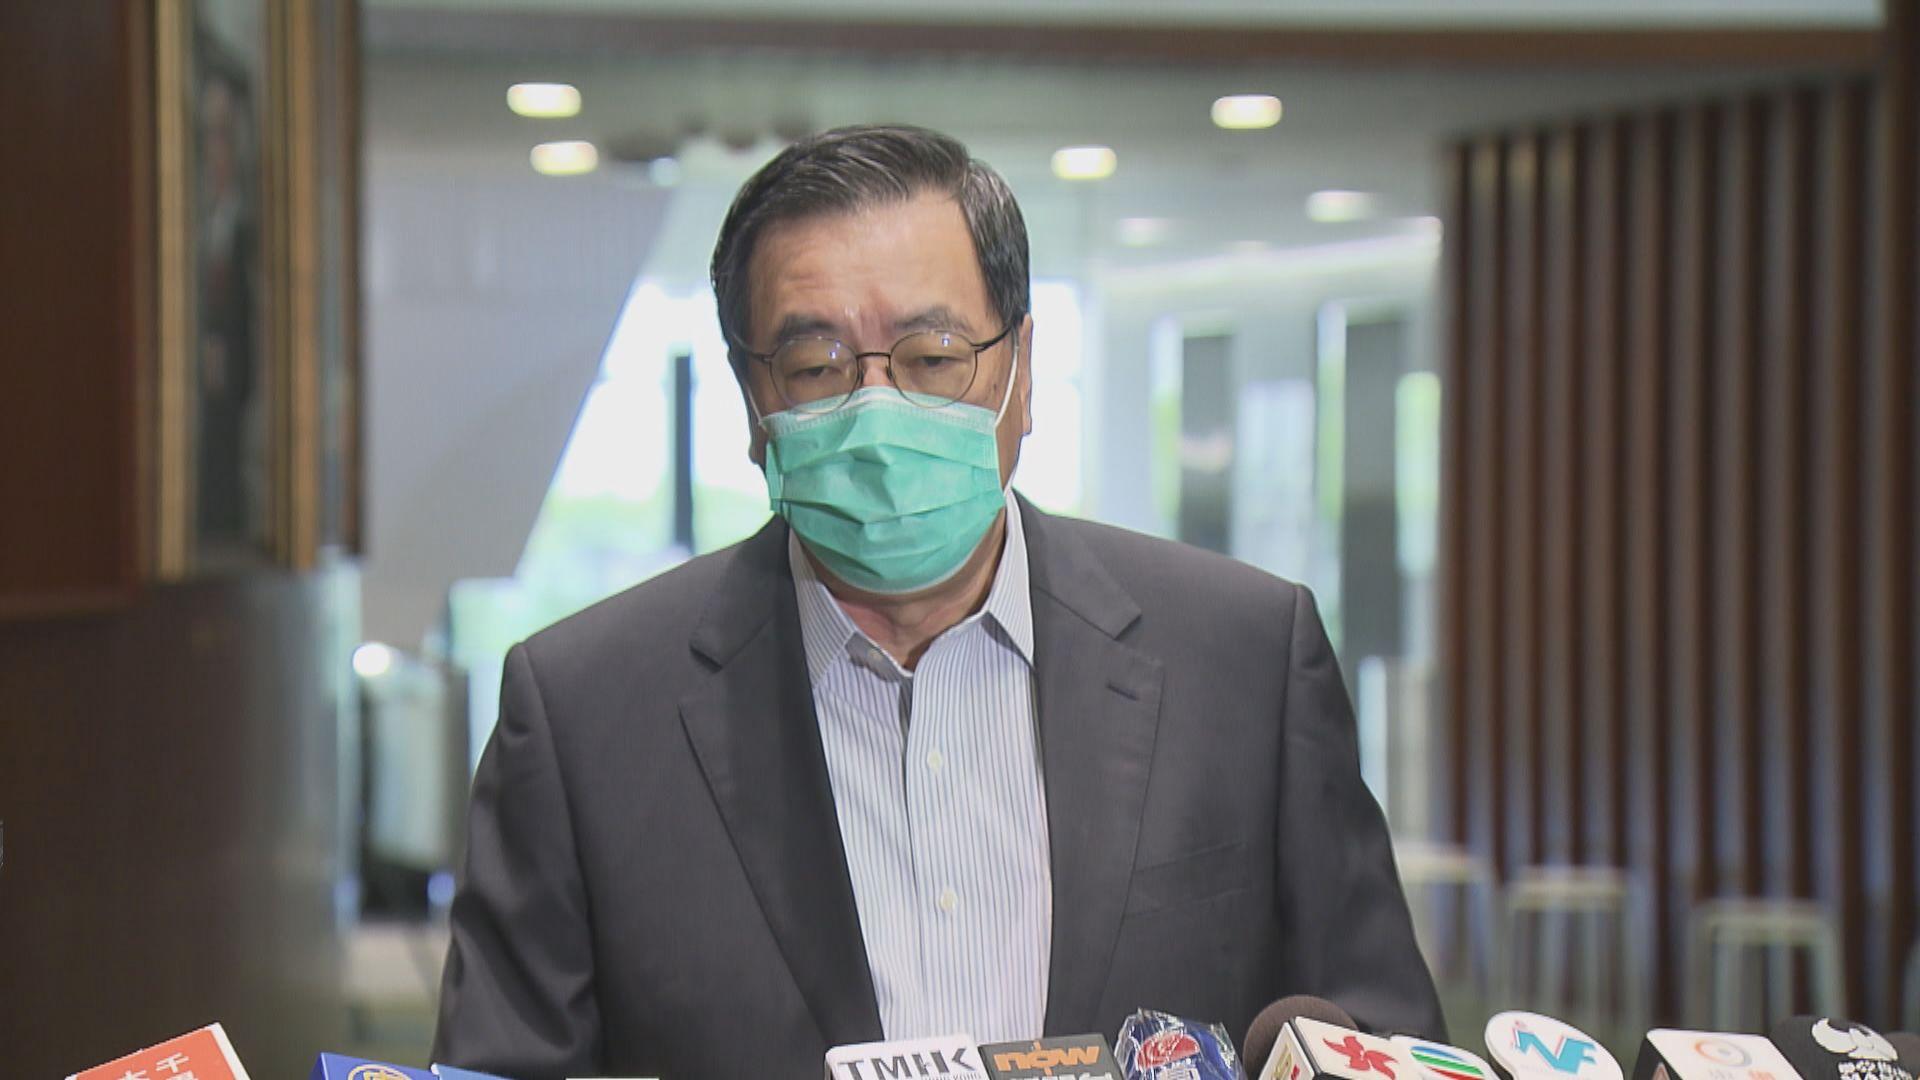 梁君彥:議員若違反誓言可引用基本法譴責及褫奪議員資格